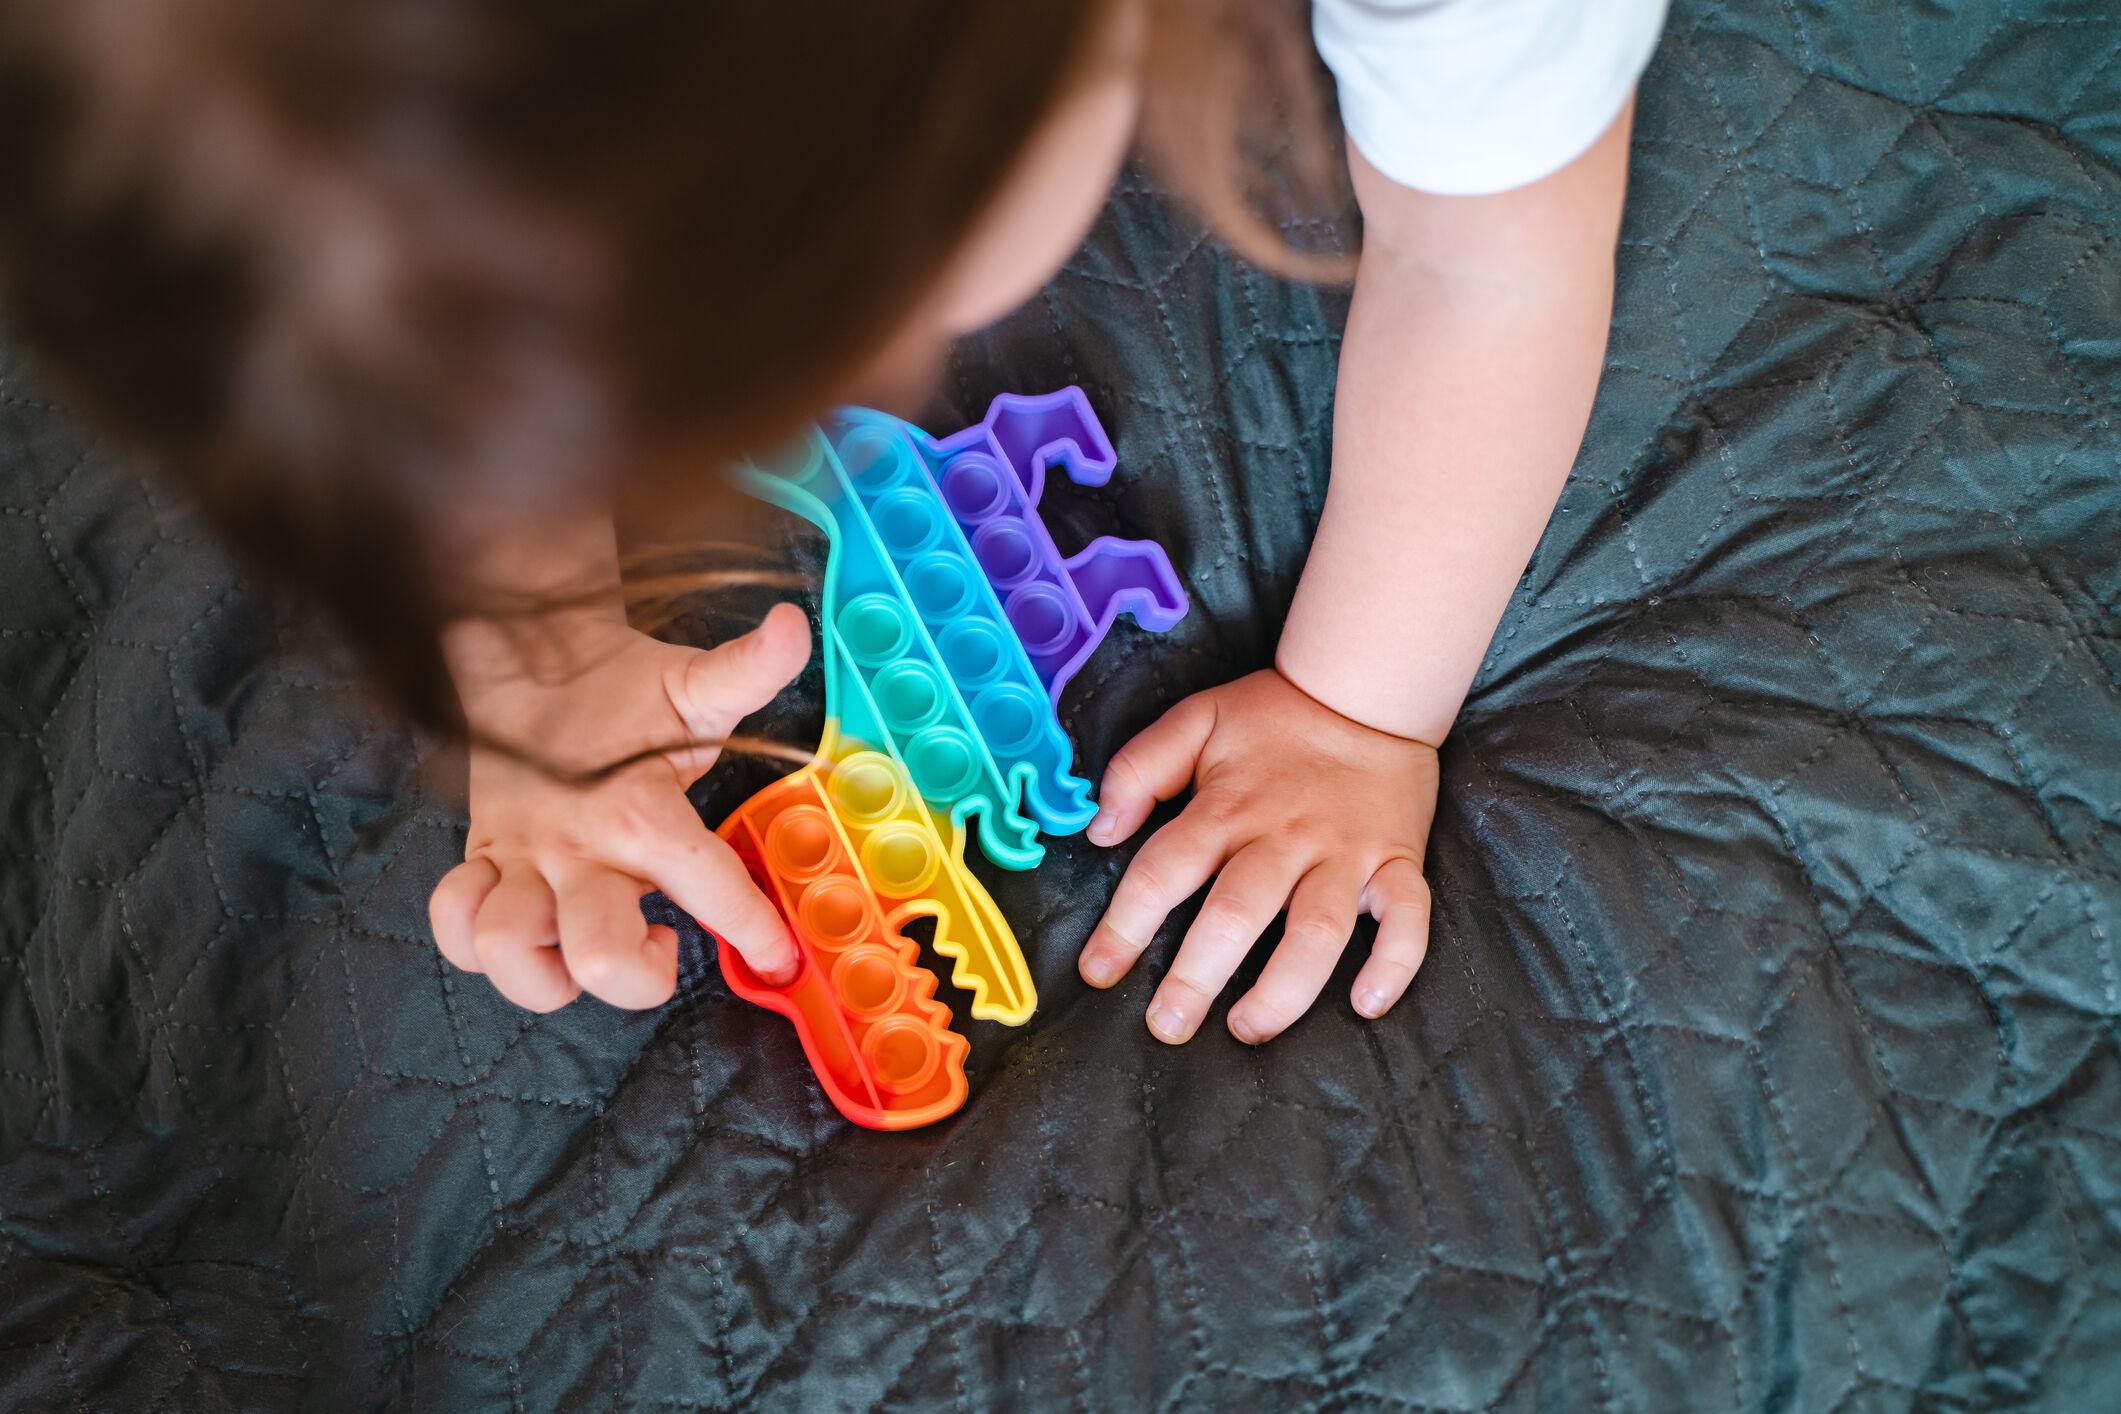 Criança brincando com Push Pop It